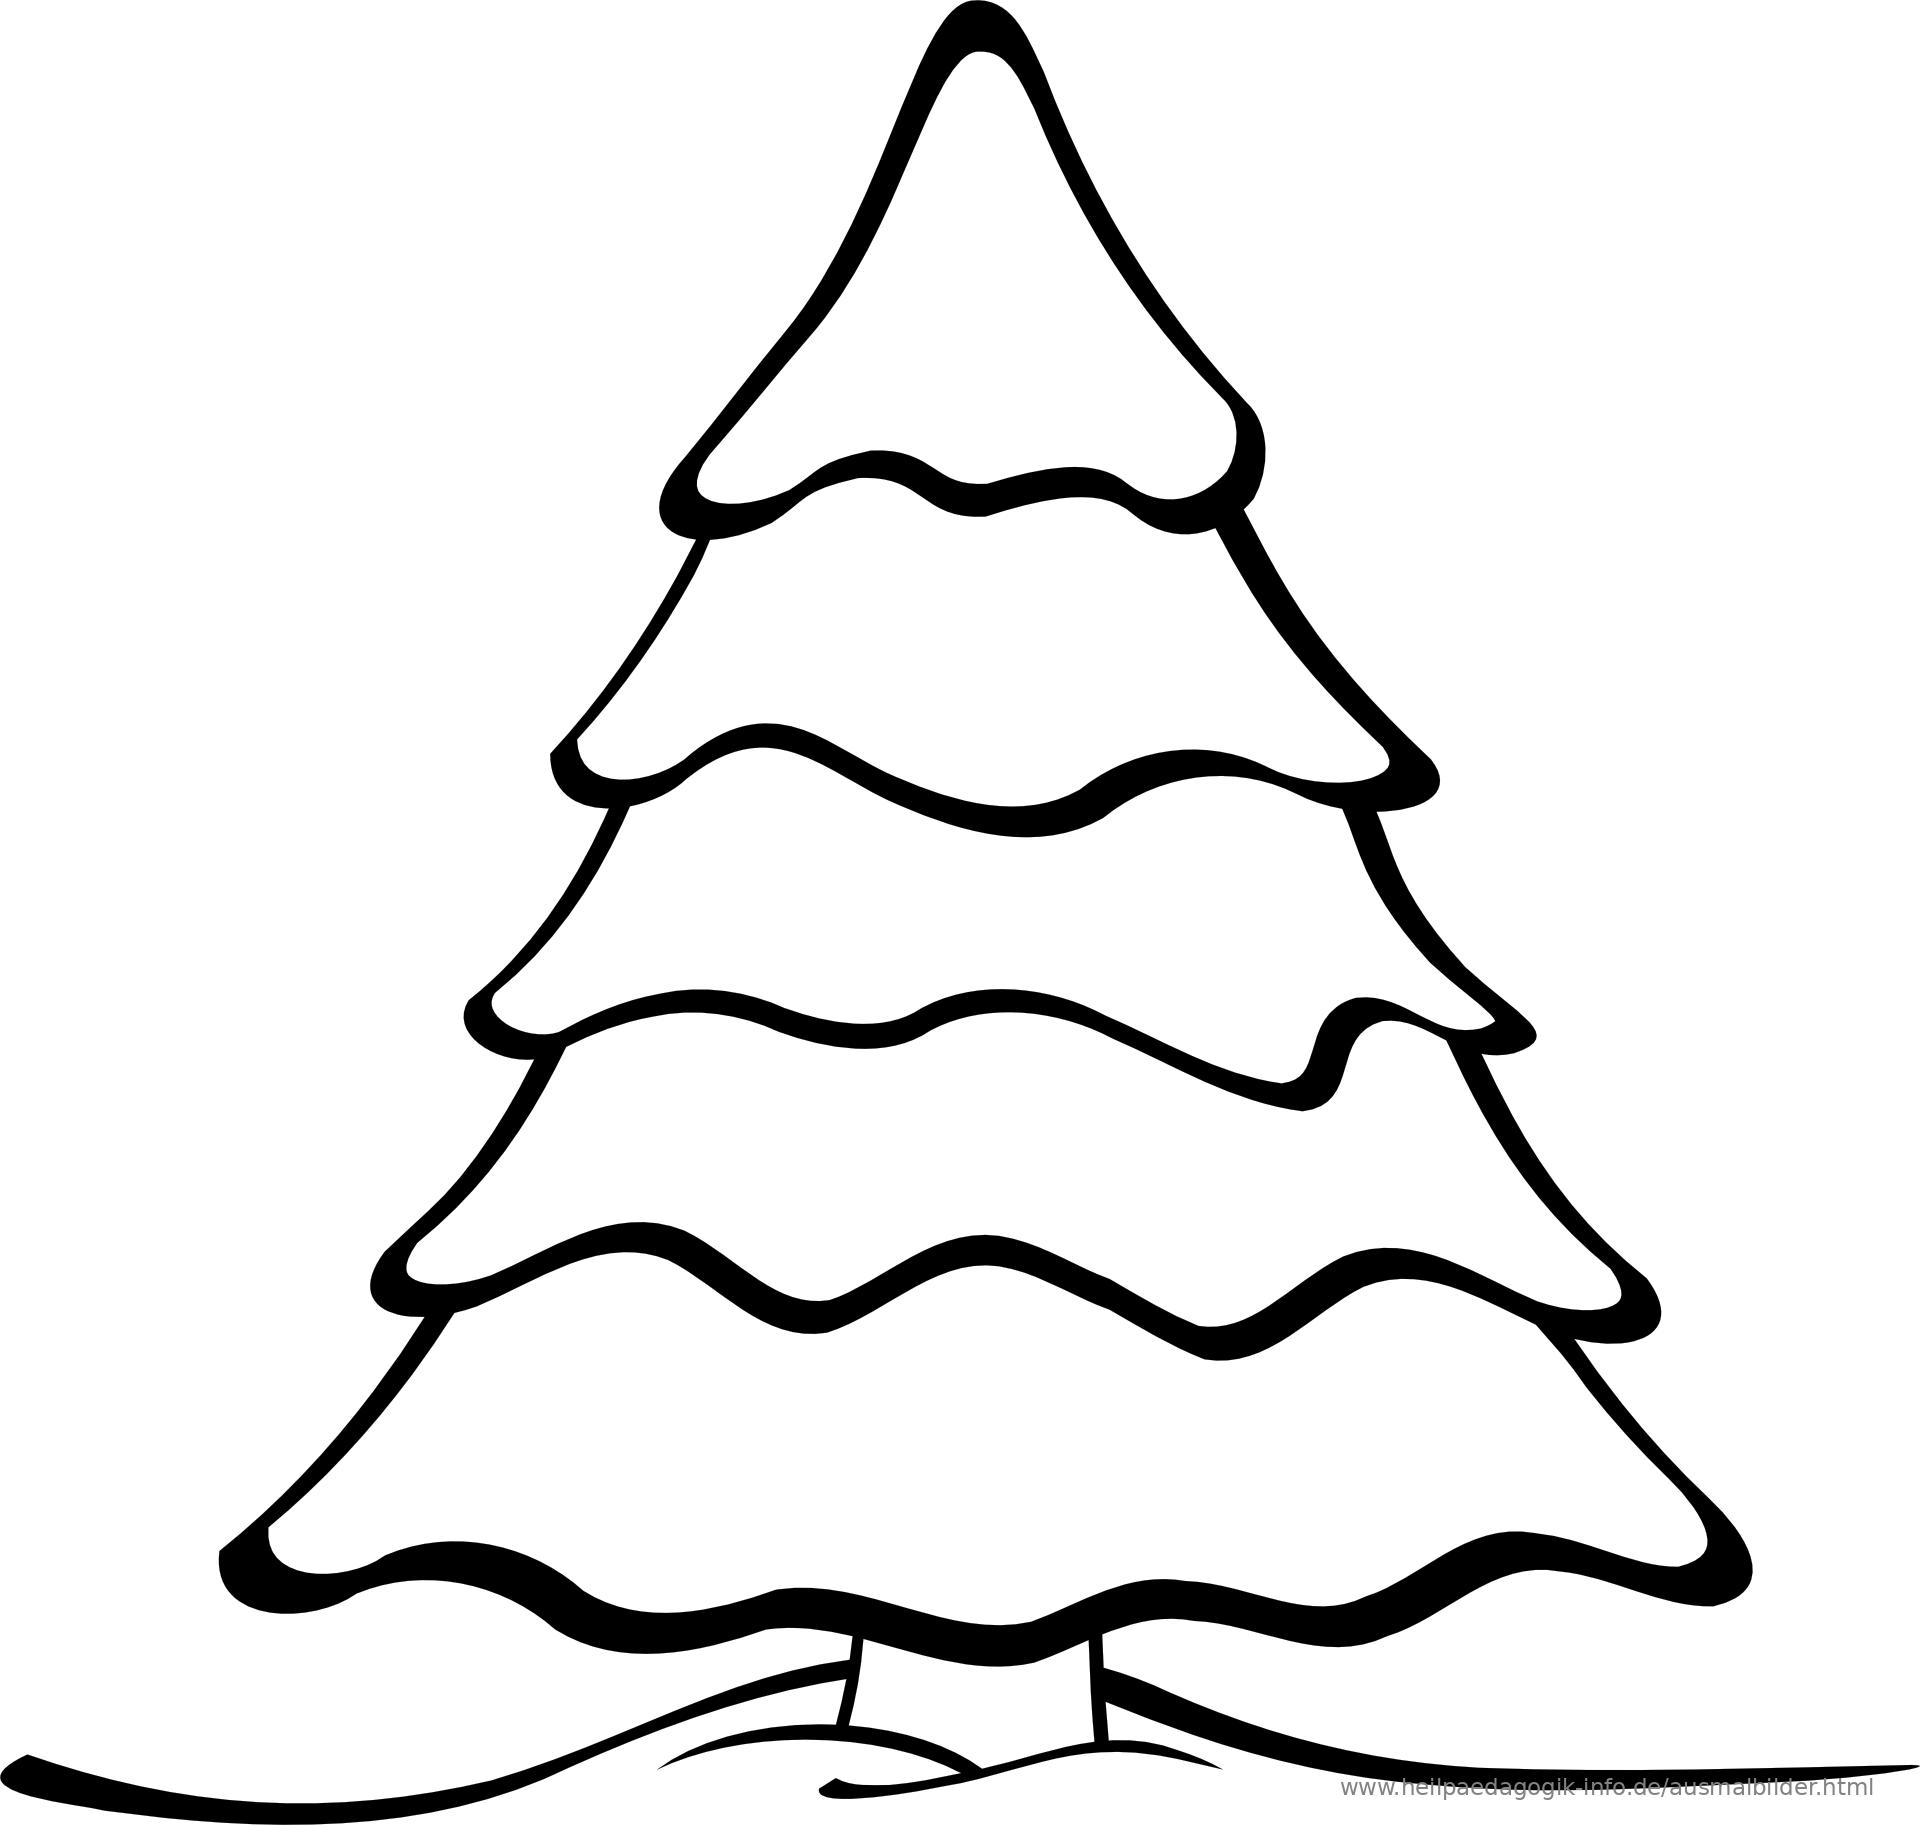 Malvorlage Tannenbaum.Ausmalbilder Weihnachten